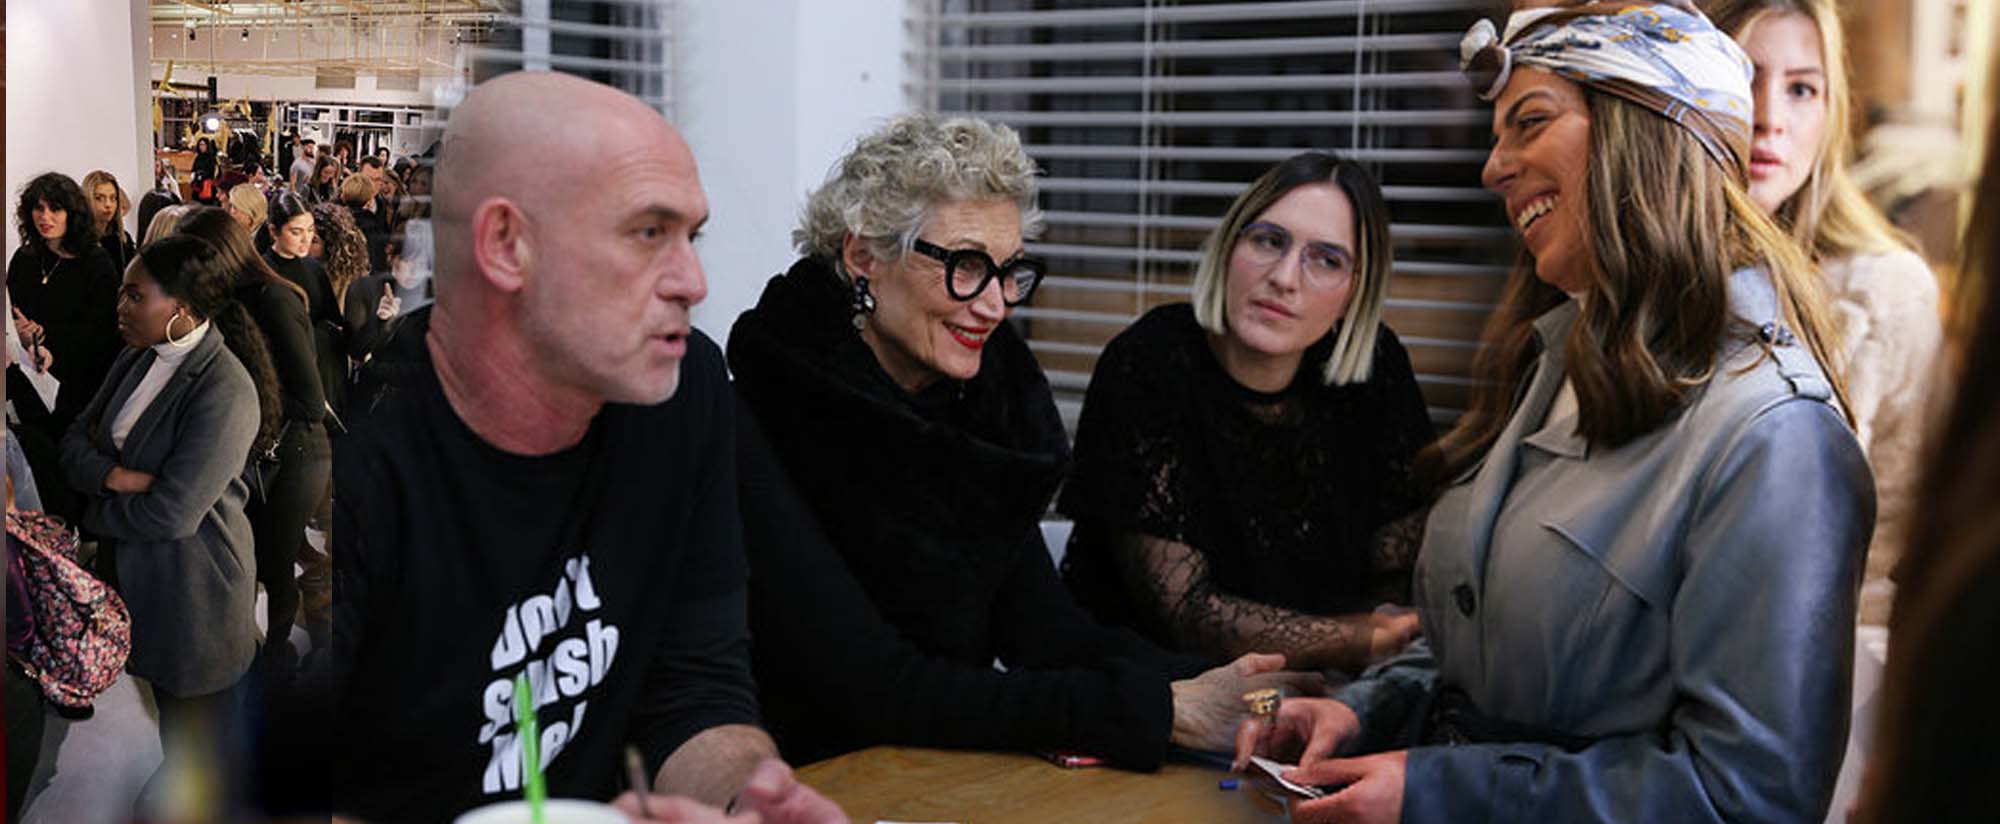 מוטי רייף, ריי שגב, שבוע האופנה תל אביב 2020, חדשות האופנה